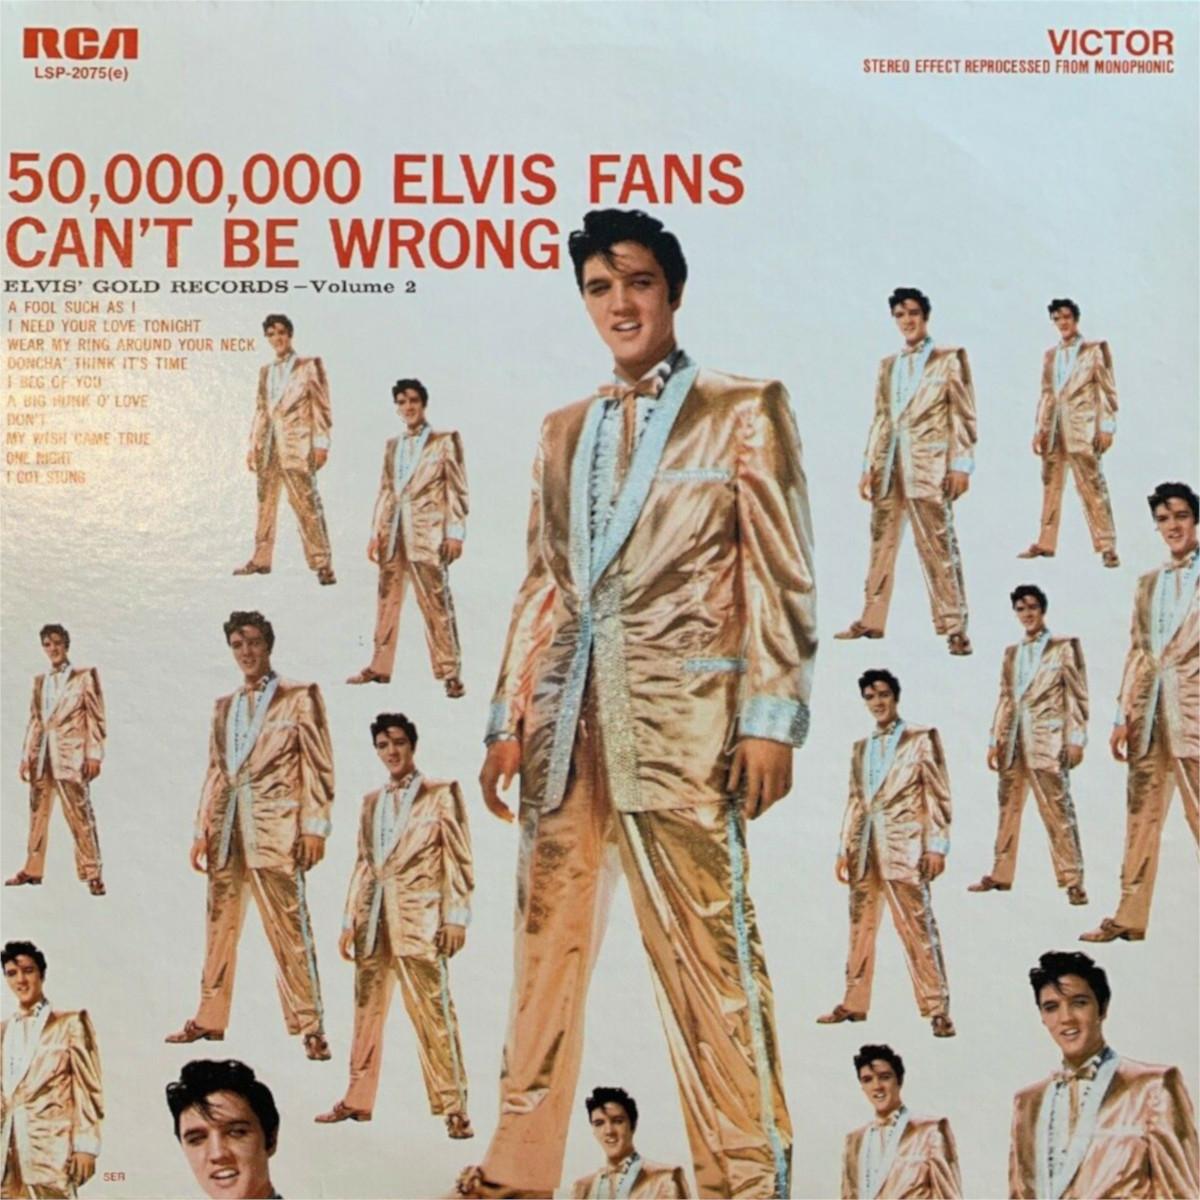 ELVIS' GOLD RECORDS VOL 2 Lsp-2075e-76-131k6a